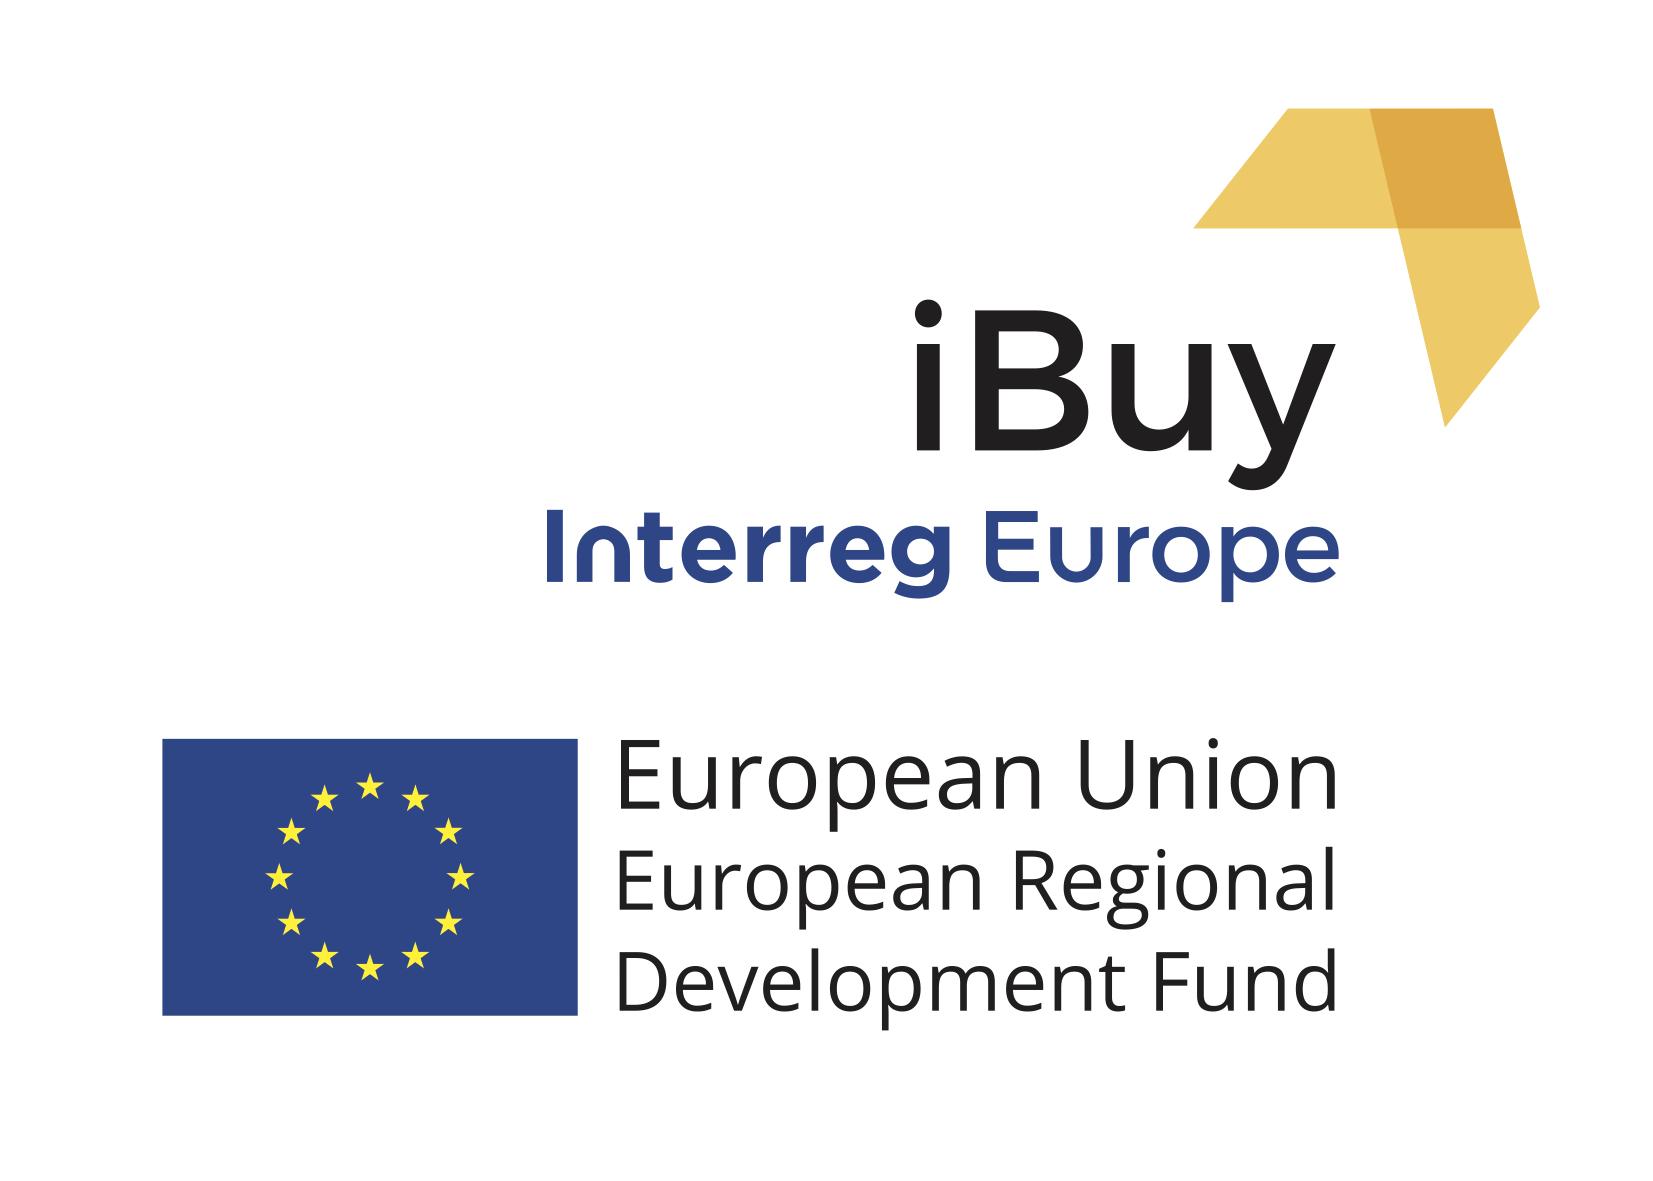 IBuy-hankkeen logo